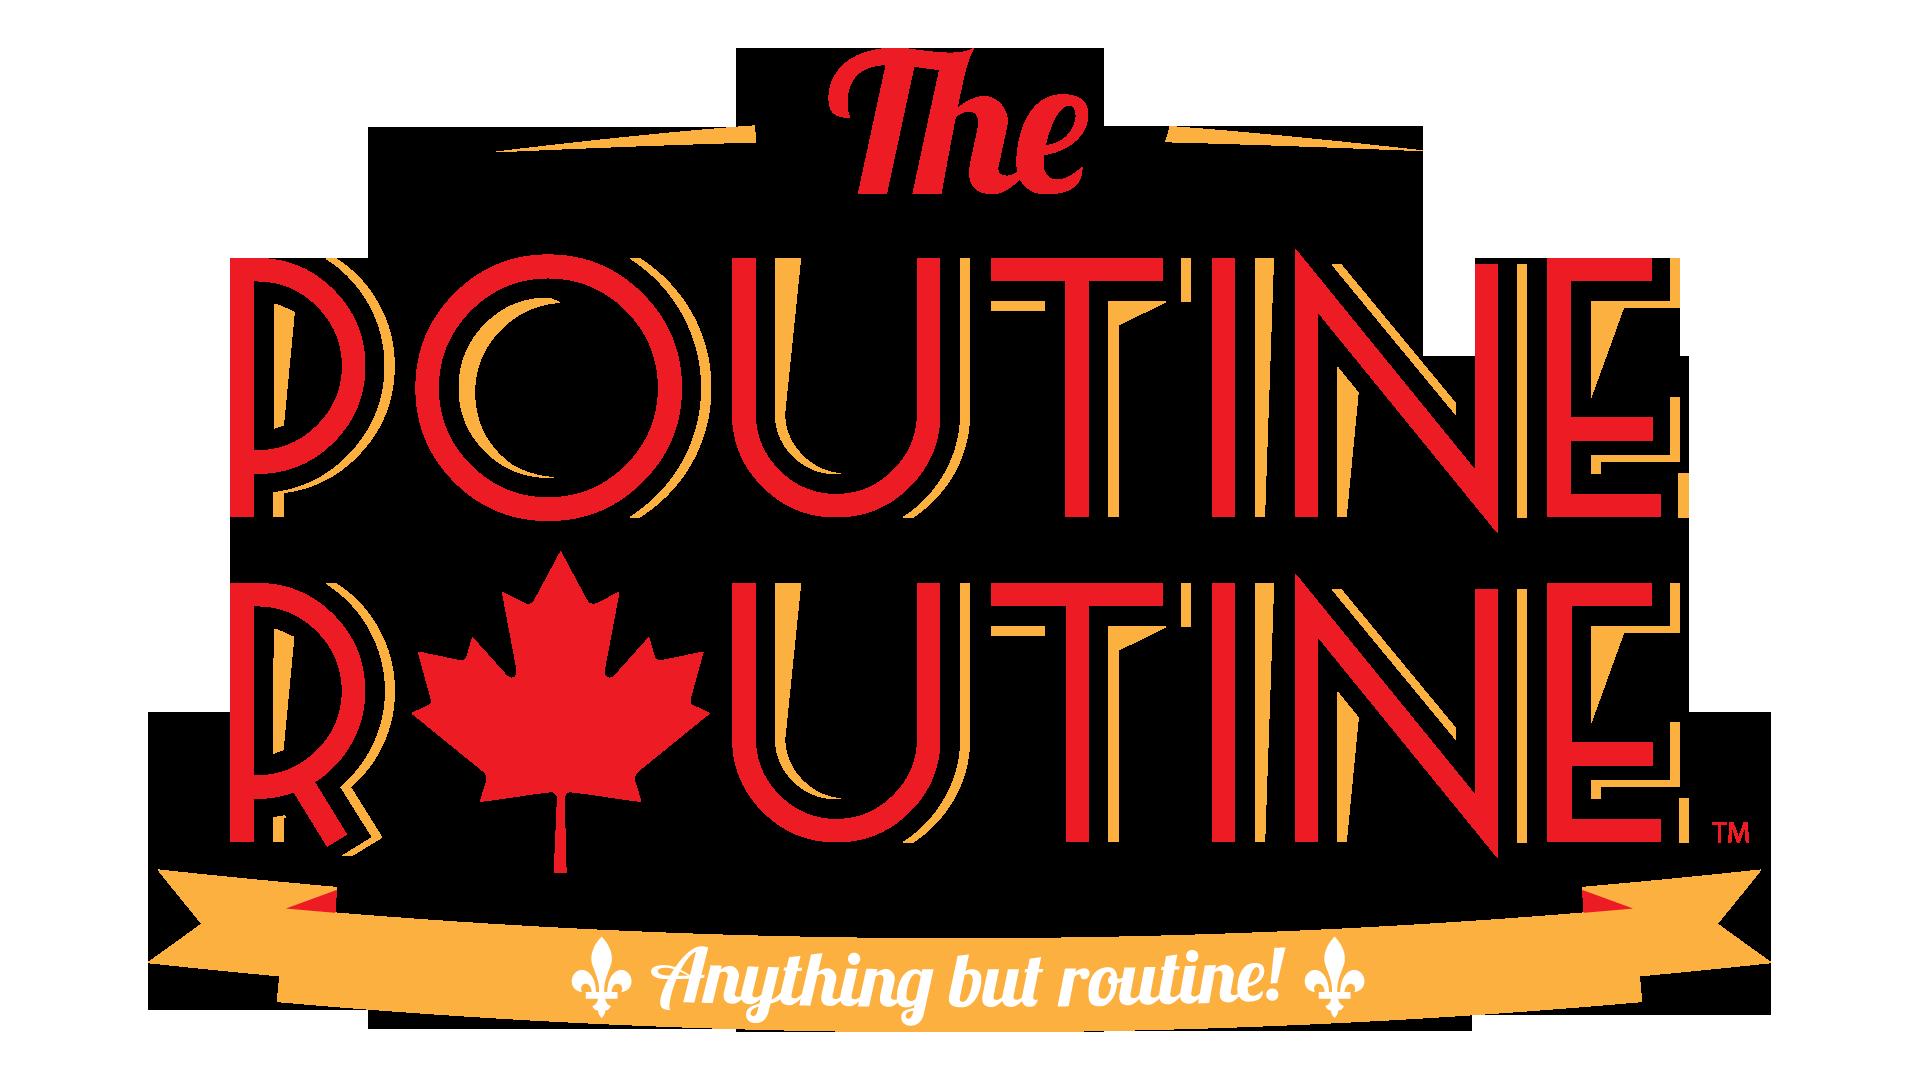 Logo for THE POUTINE ROUTINE